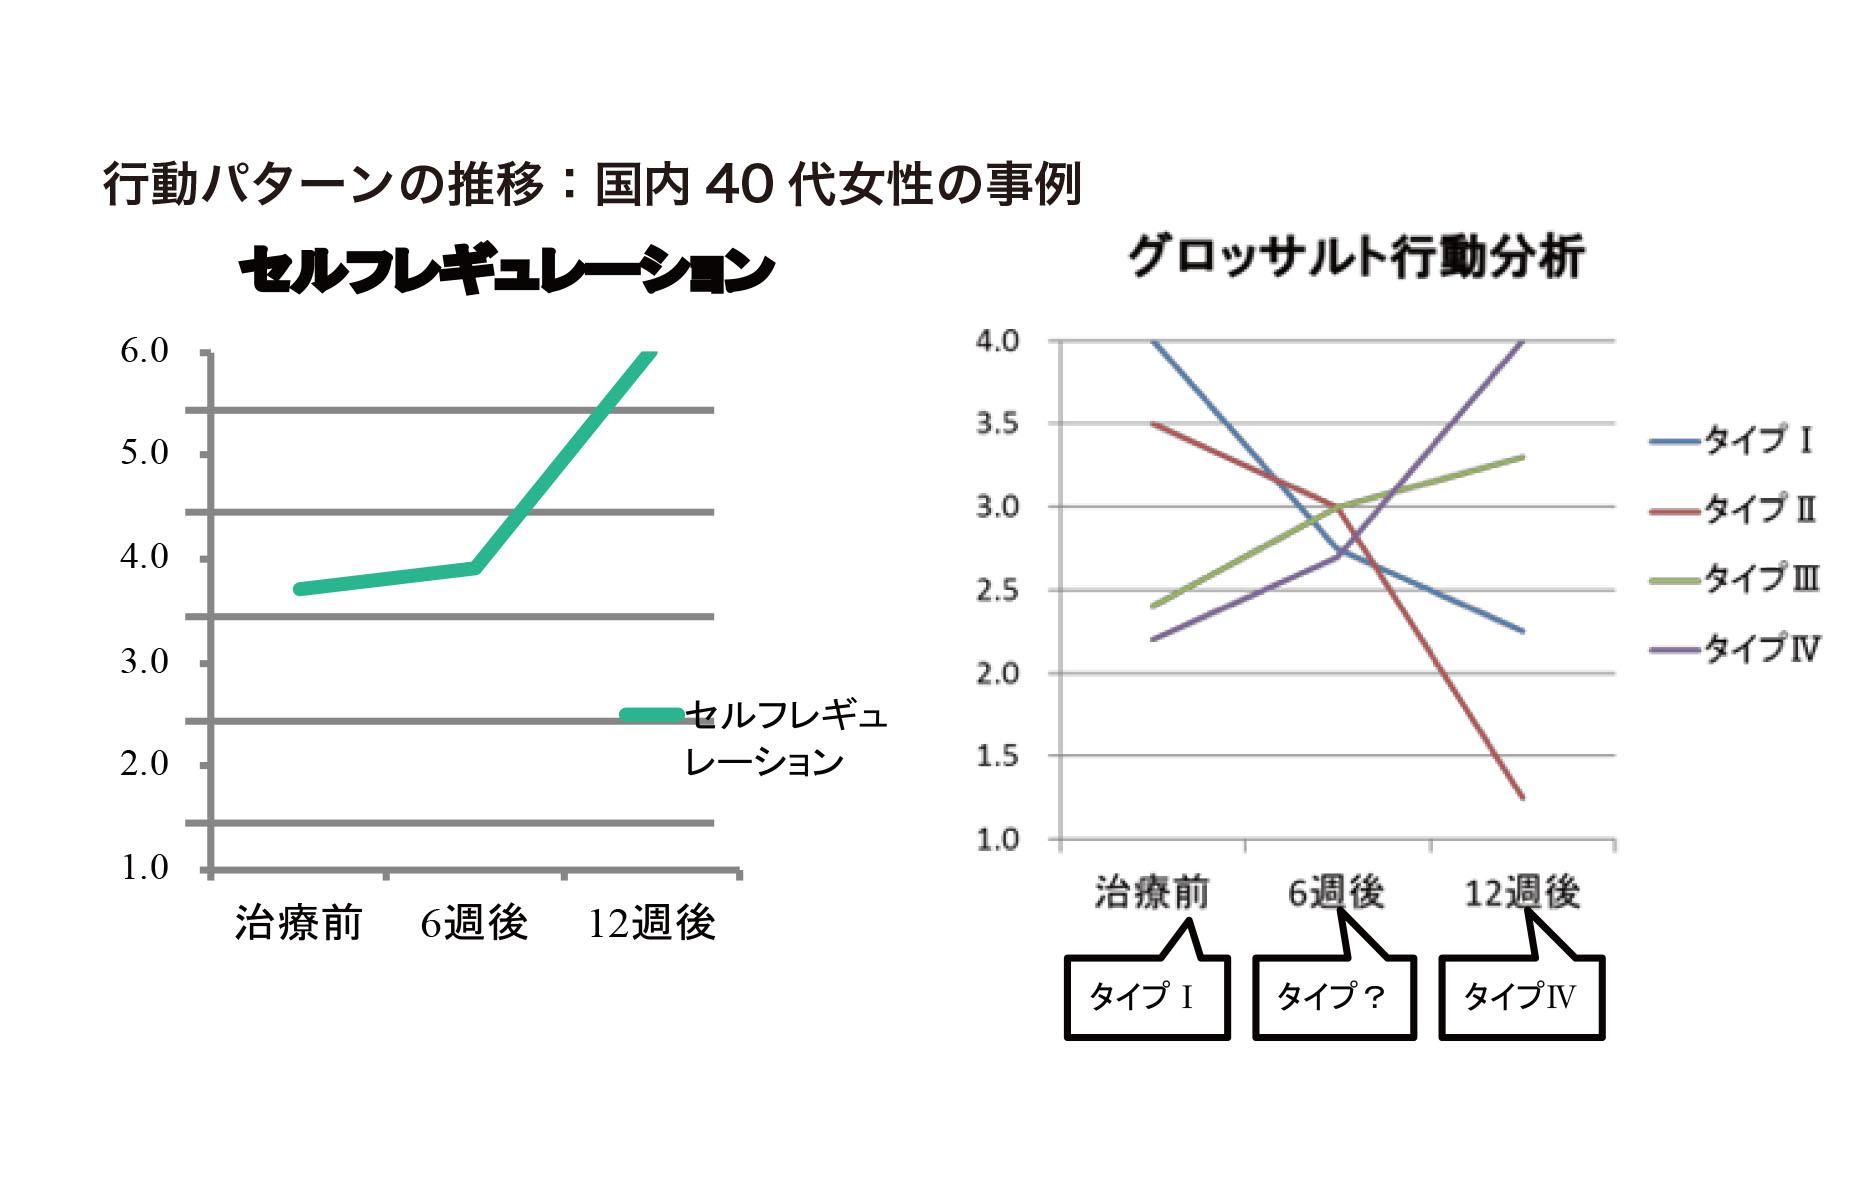 行動パターン推移図1